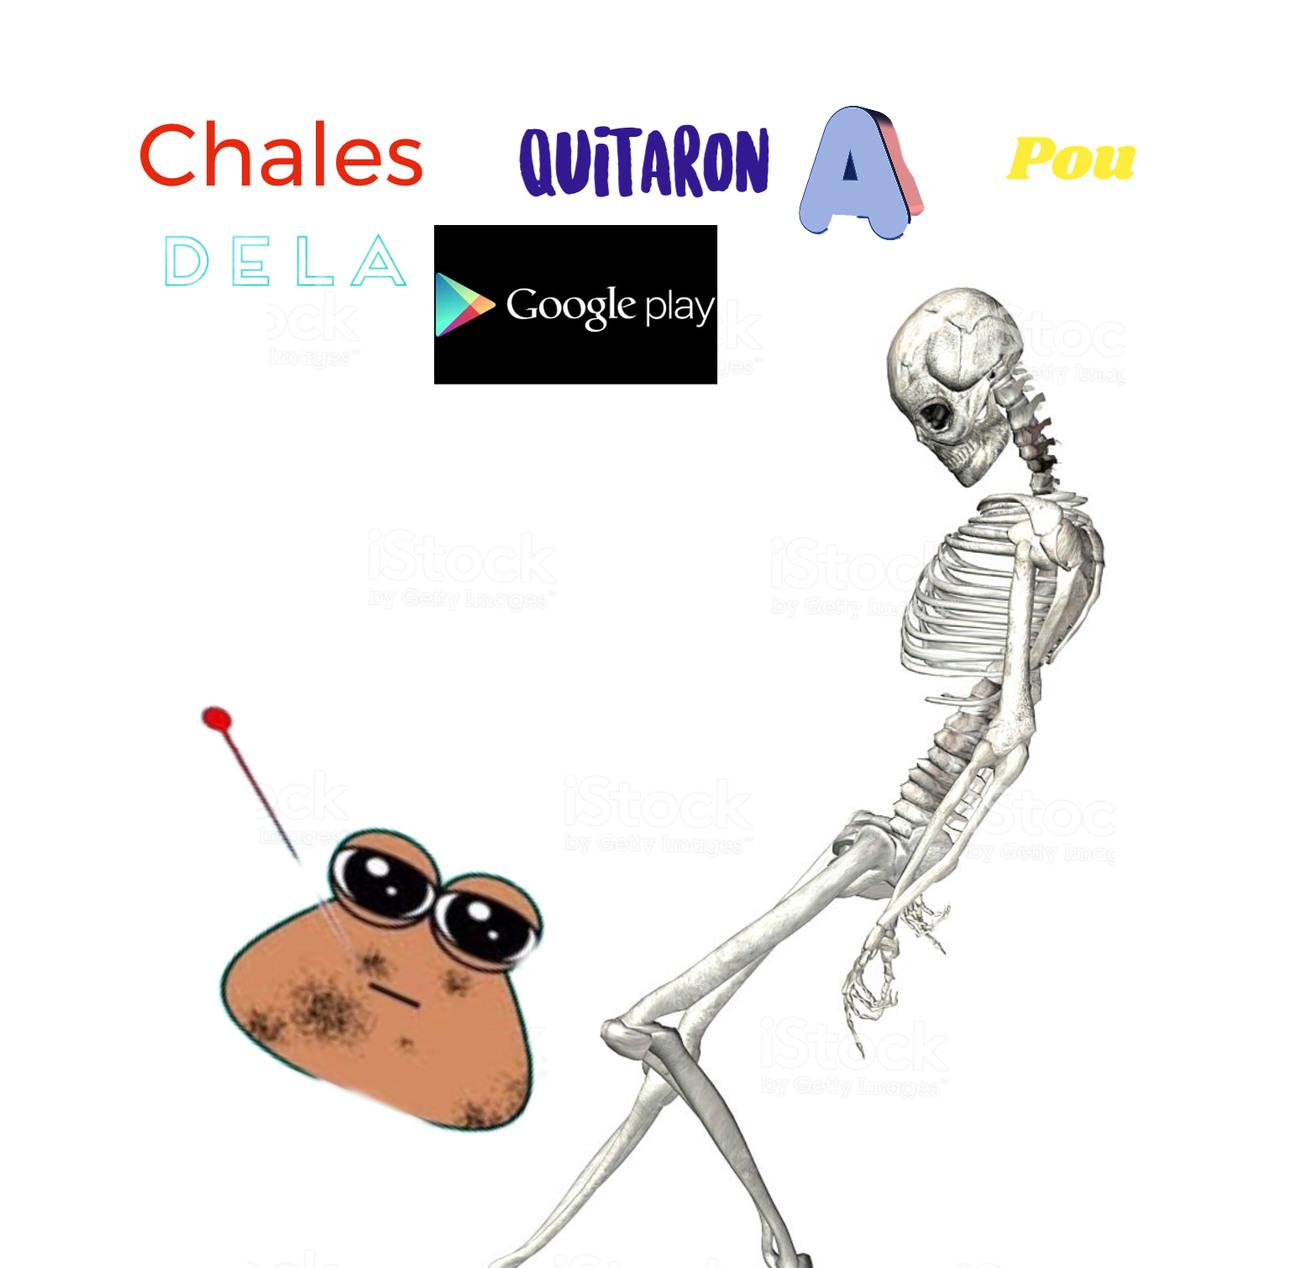 Chales F - meme